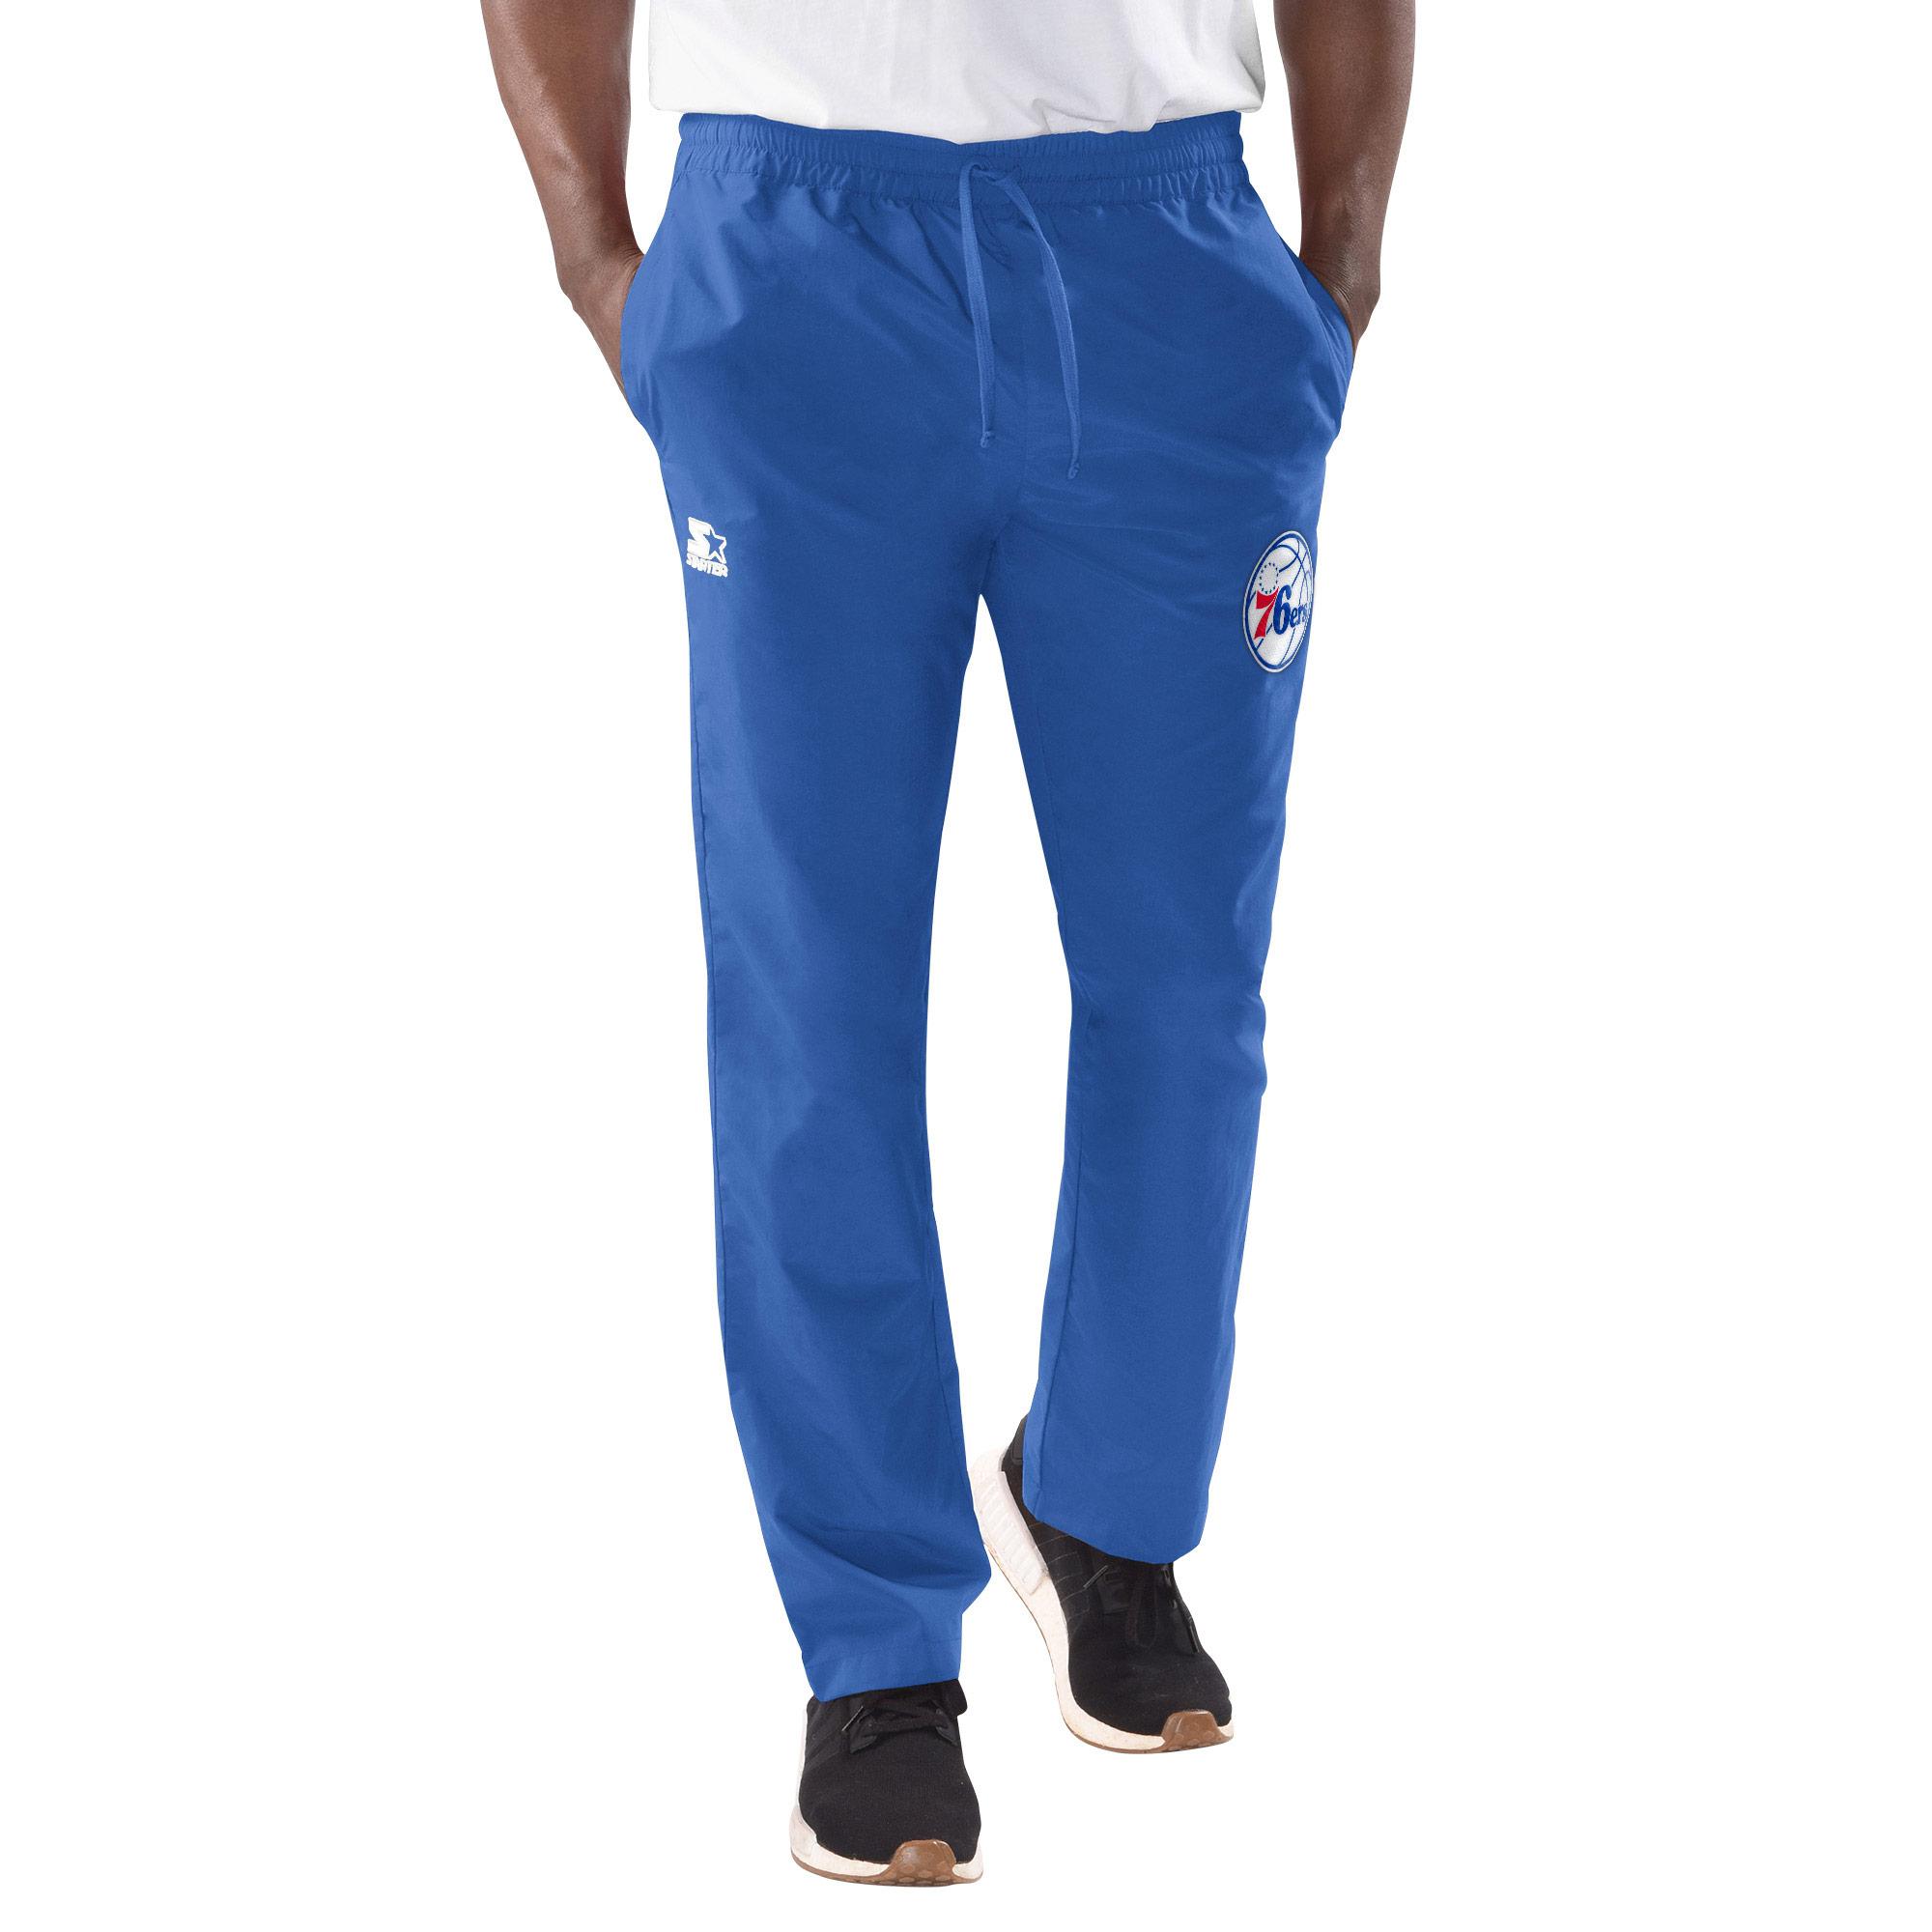 Philadelphia 76ers Starter Tip-Off Warm Up Pants - Royal